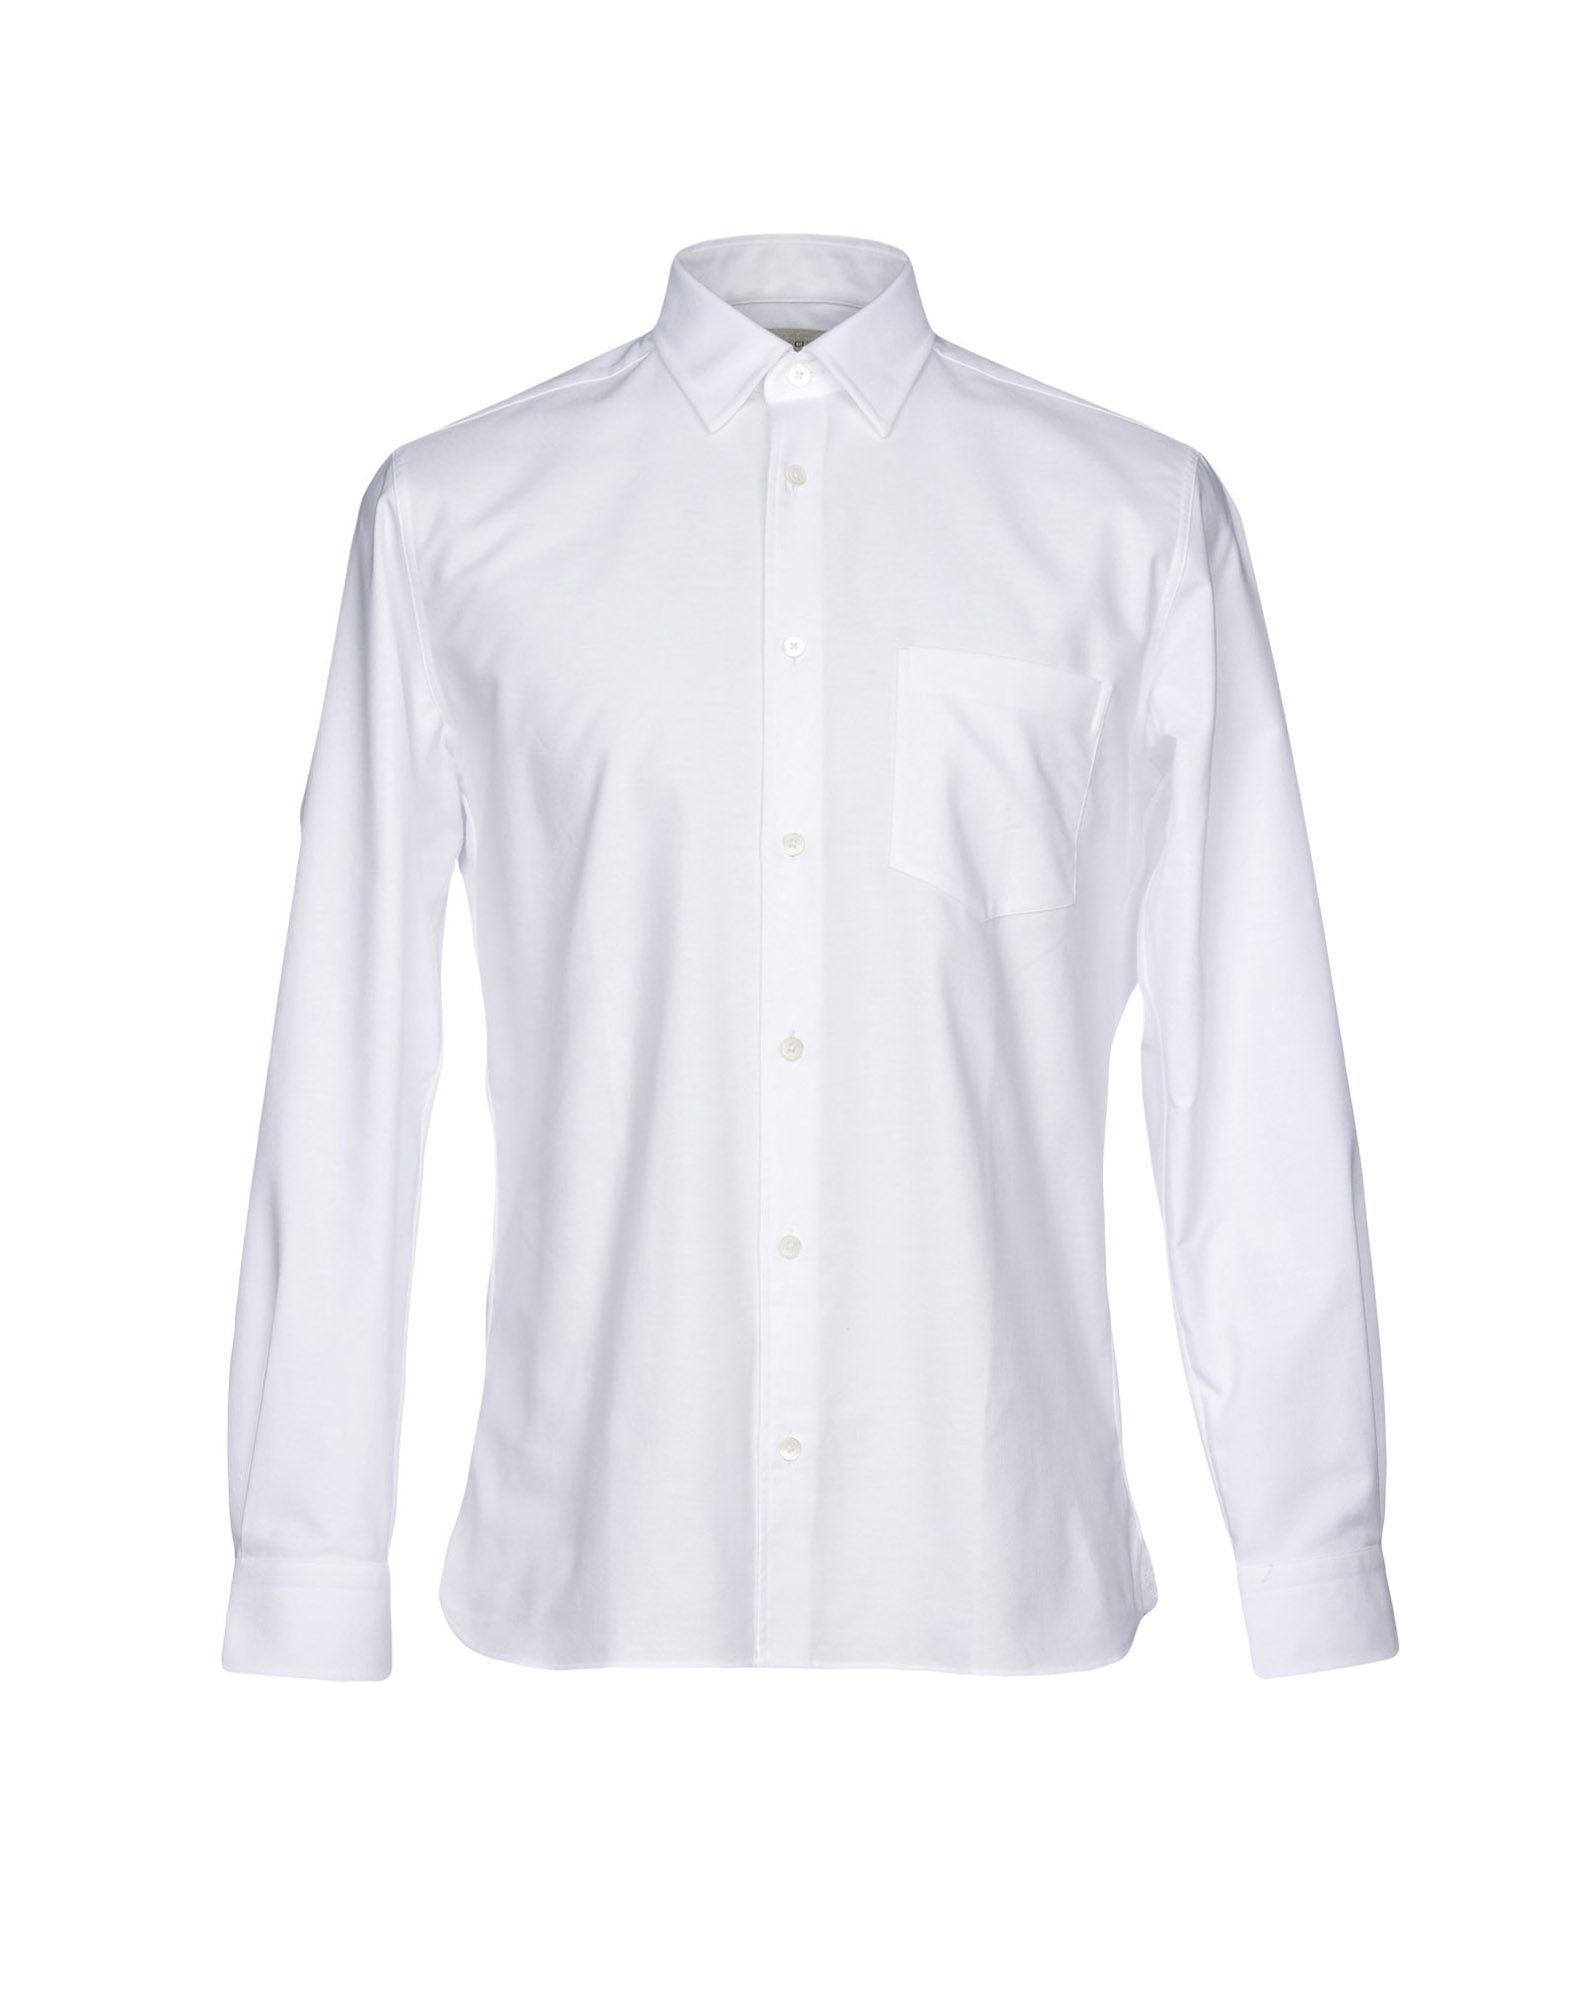 《送料無料》KENT & CURWEN メンズ シャツ ホワイト 37 コットン 100%